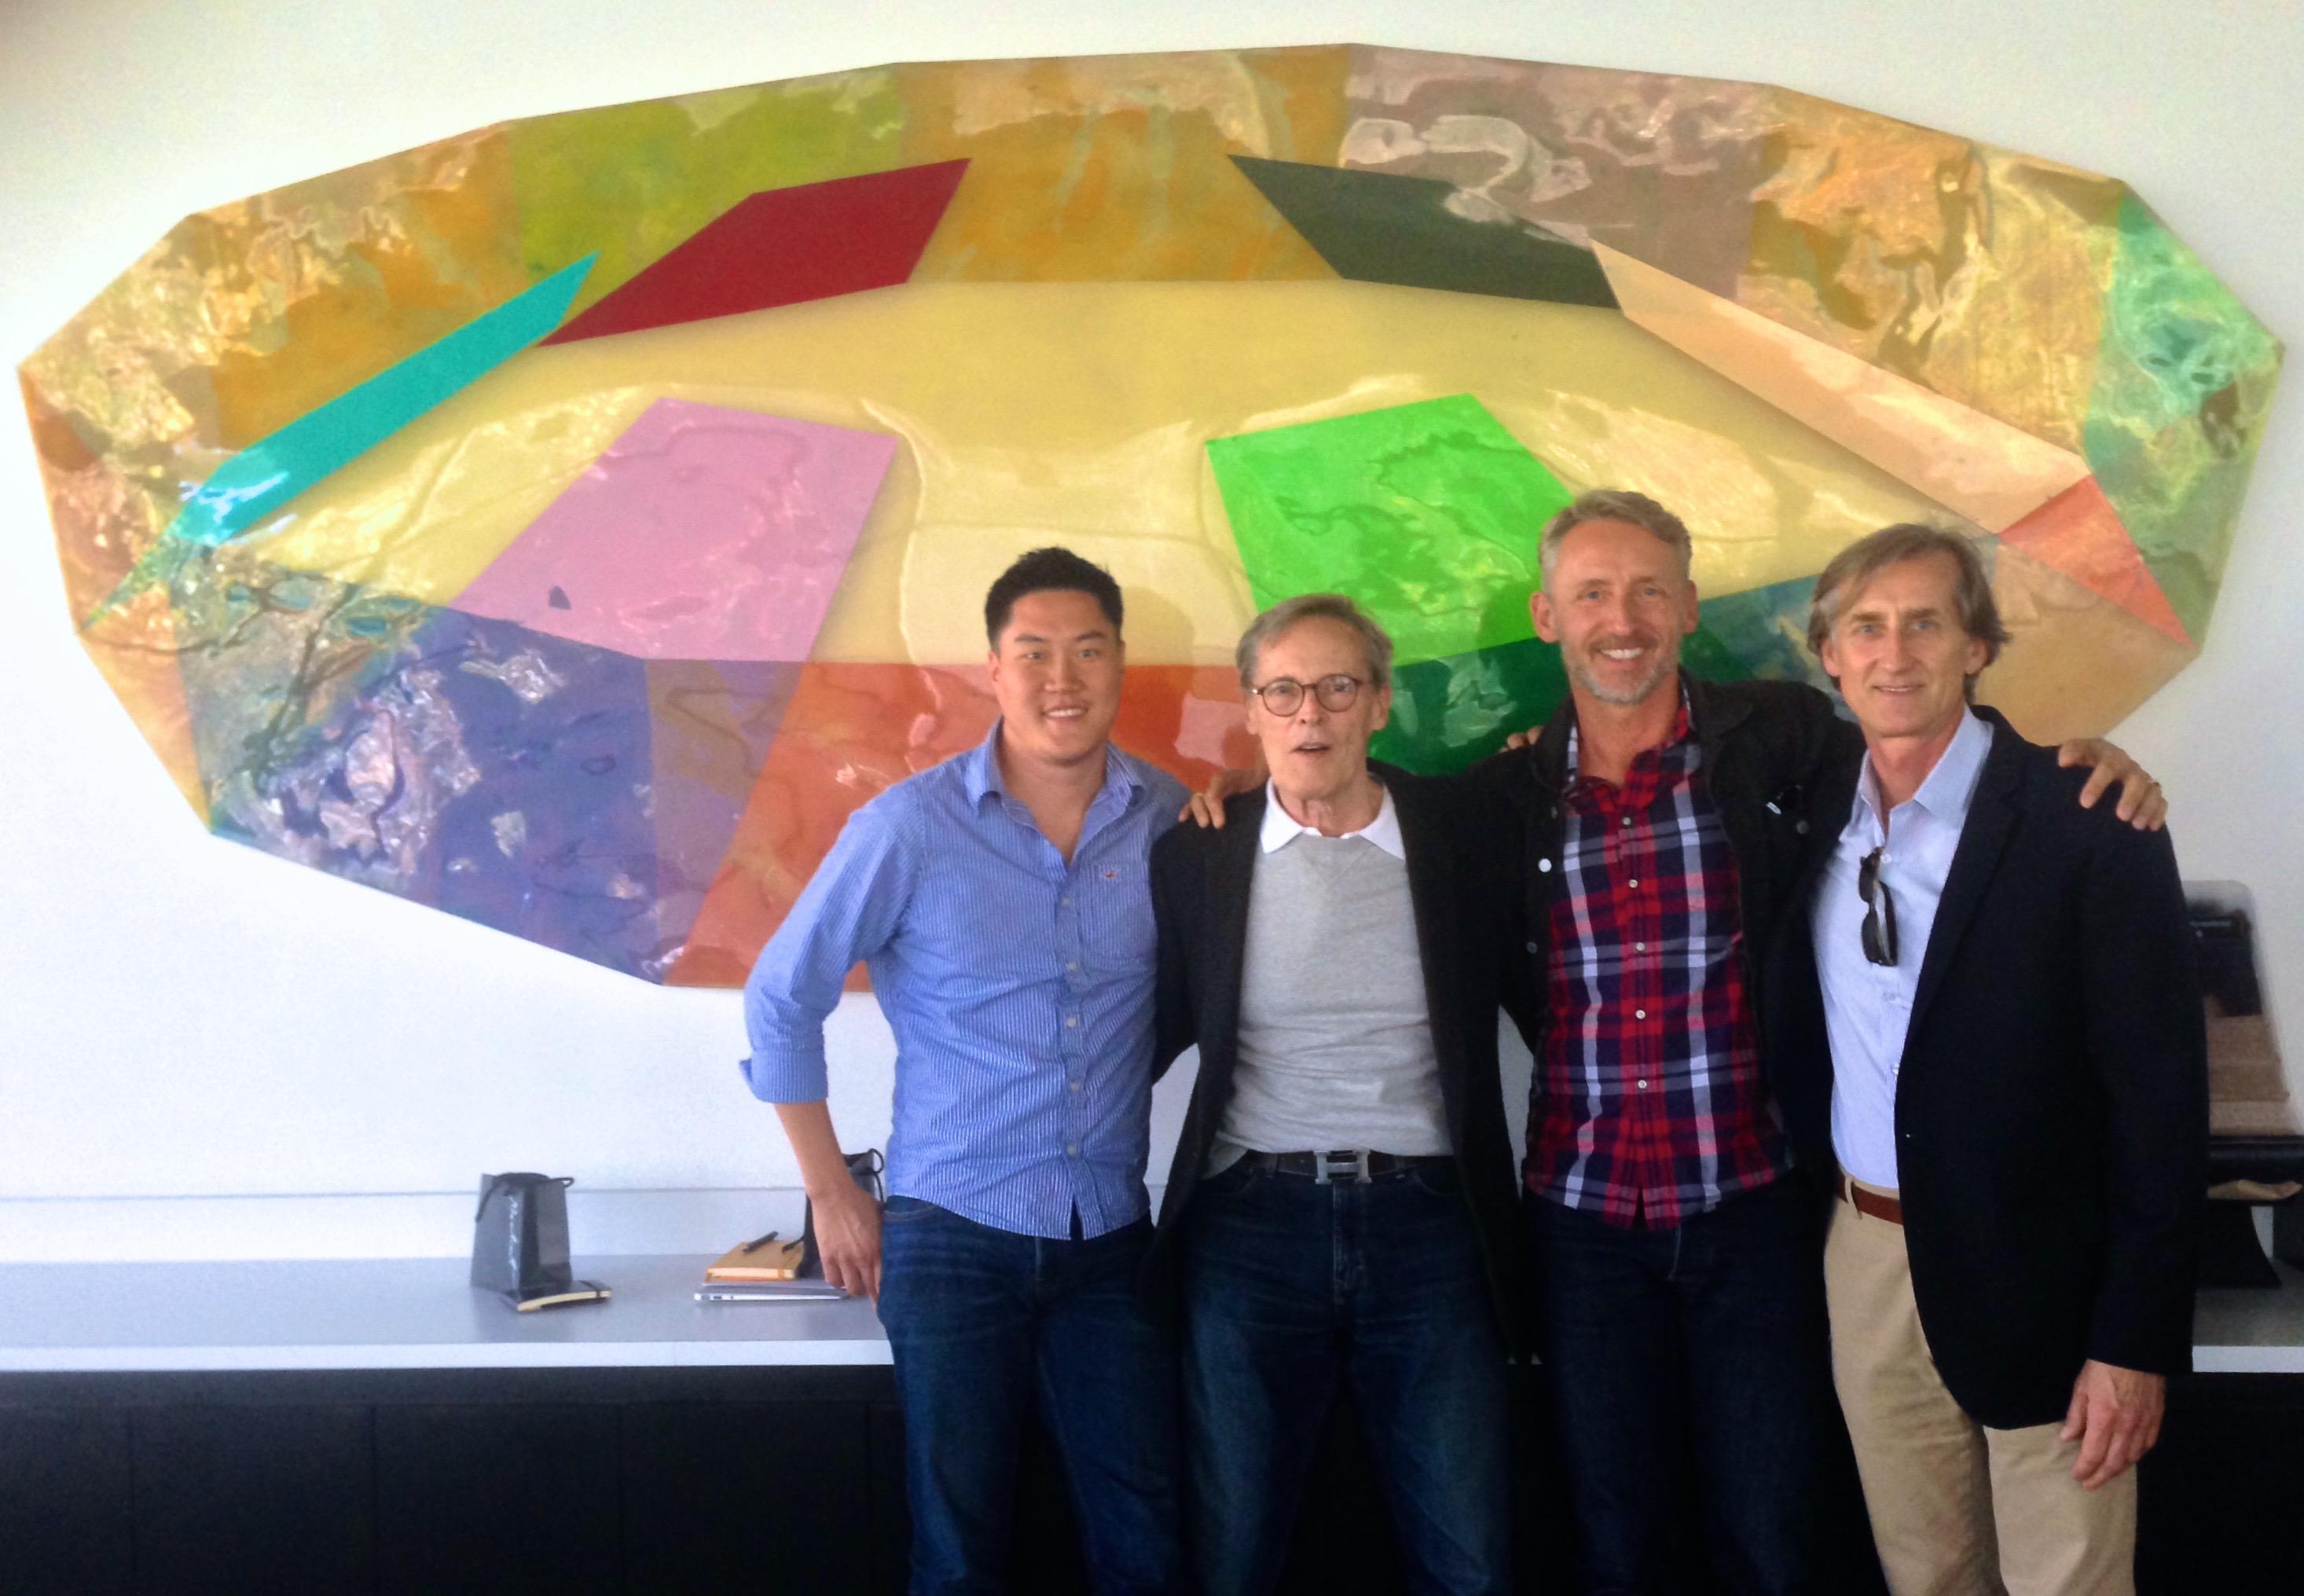 Steve Kim, Paul Hauge, Nik Hafermaas, Steve Sieler. Photo courtesy Nik Hafermaas